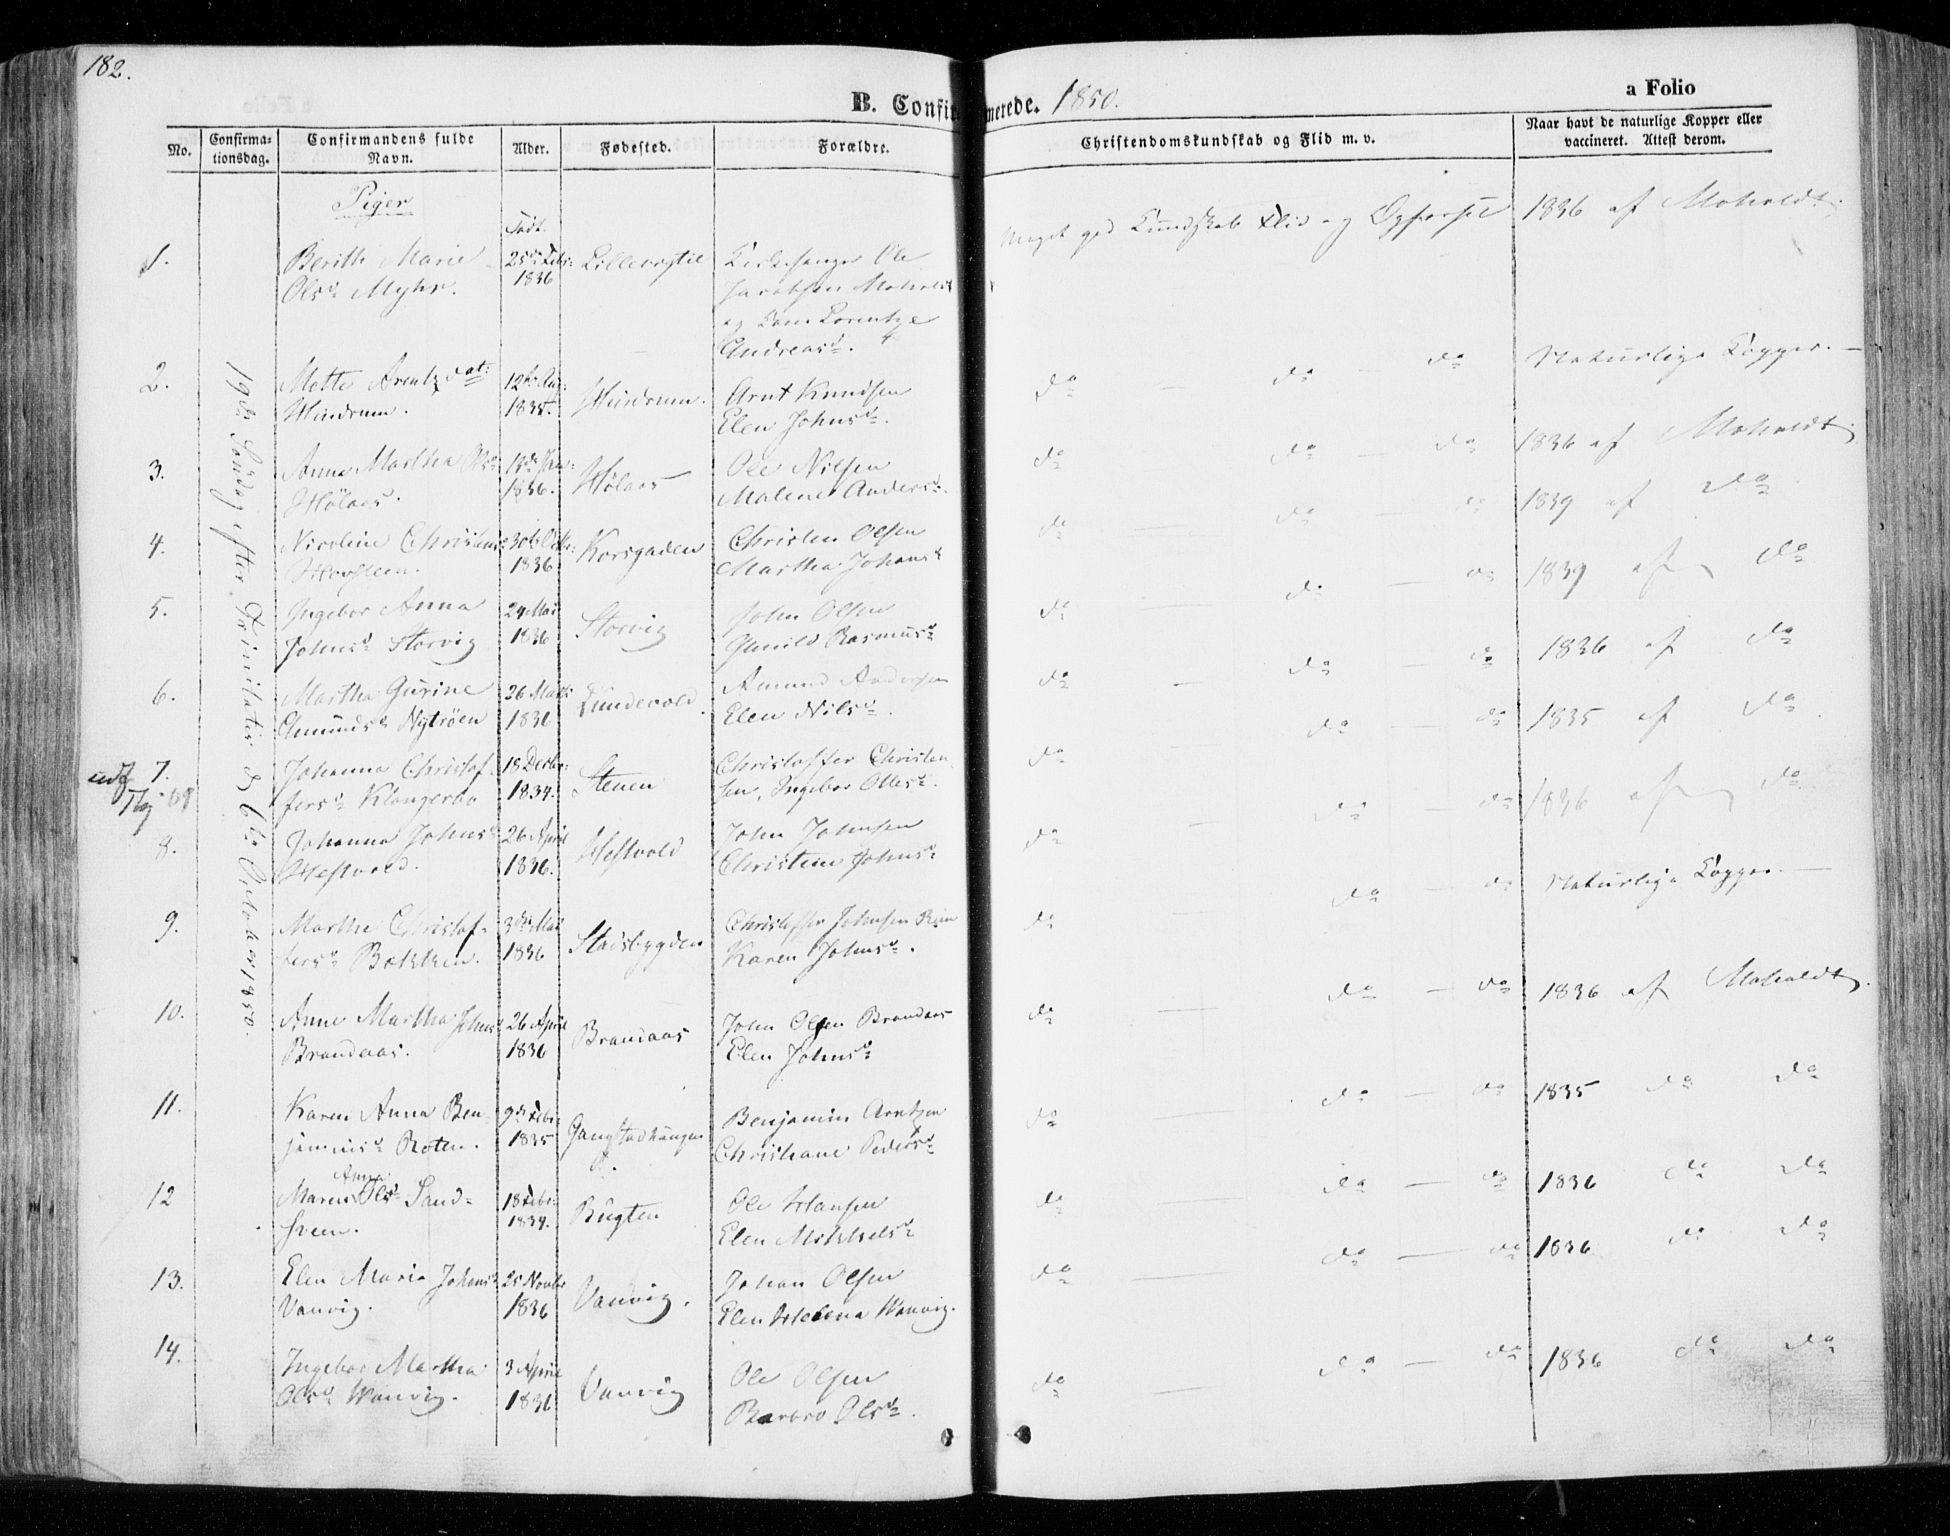 SAT, Ministerialprotokoller, klokkerbøker og fødselsregistre - Nord-Trøndelag, 701/L0007: Ministerialbok nr. 701A07 /1, 1842-1854, s. 182